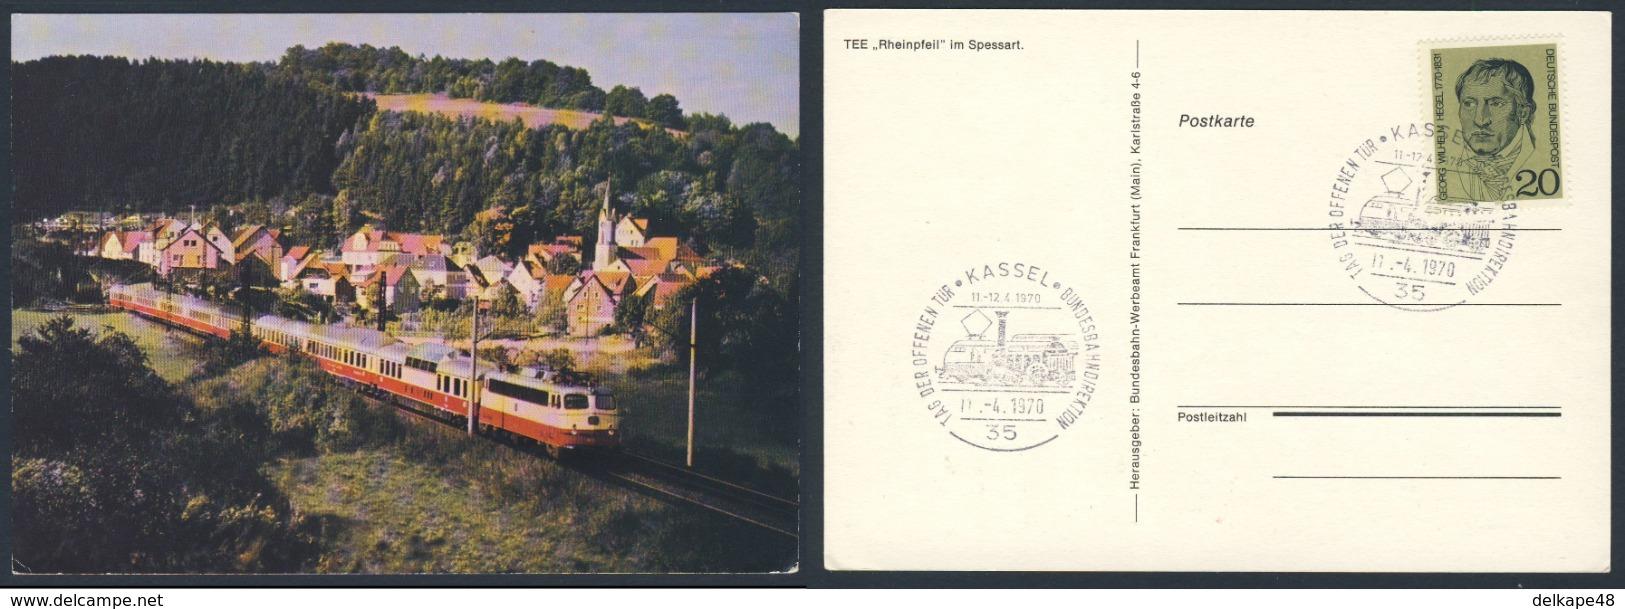 """Deutschland Germany 1970 Postkarte - TEE """"Rheinpfeil"""" - Tag Der Offenen Tür Bundesbahndirektion - Kassel - Treinen"""